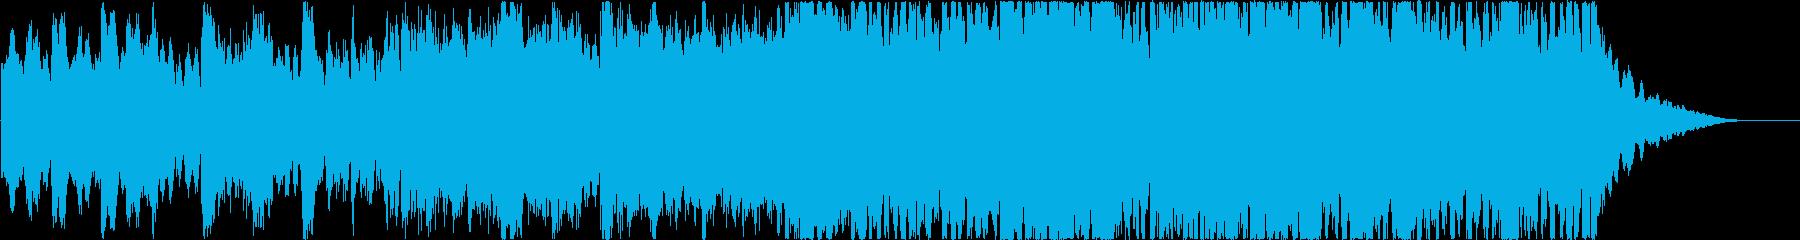 【30秒】優しく感動的なポップオーケストの再生済みの波形